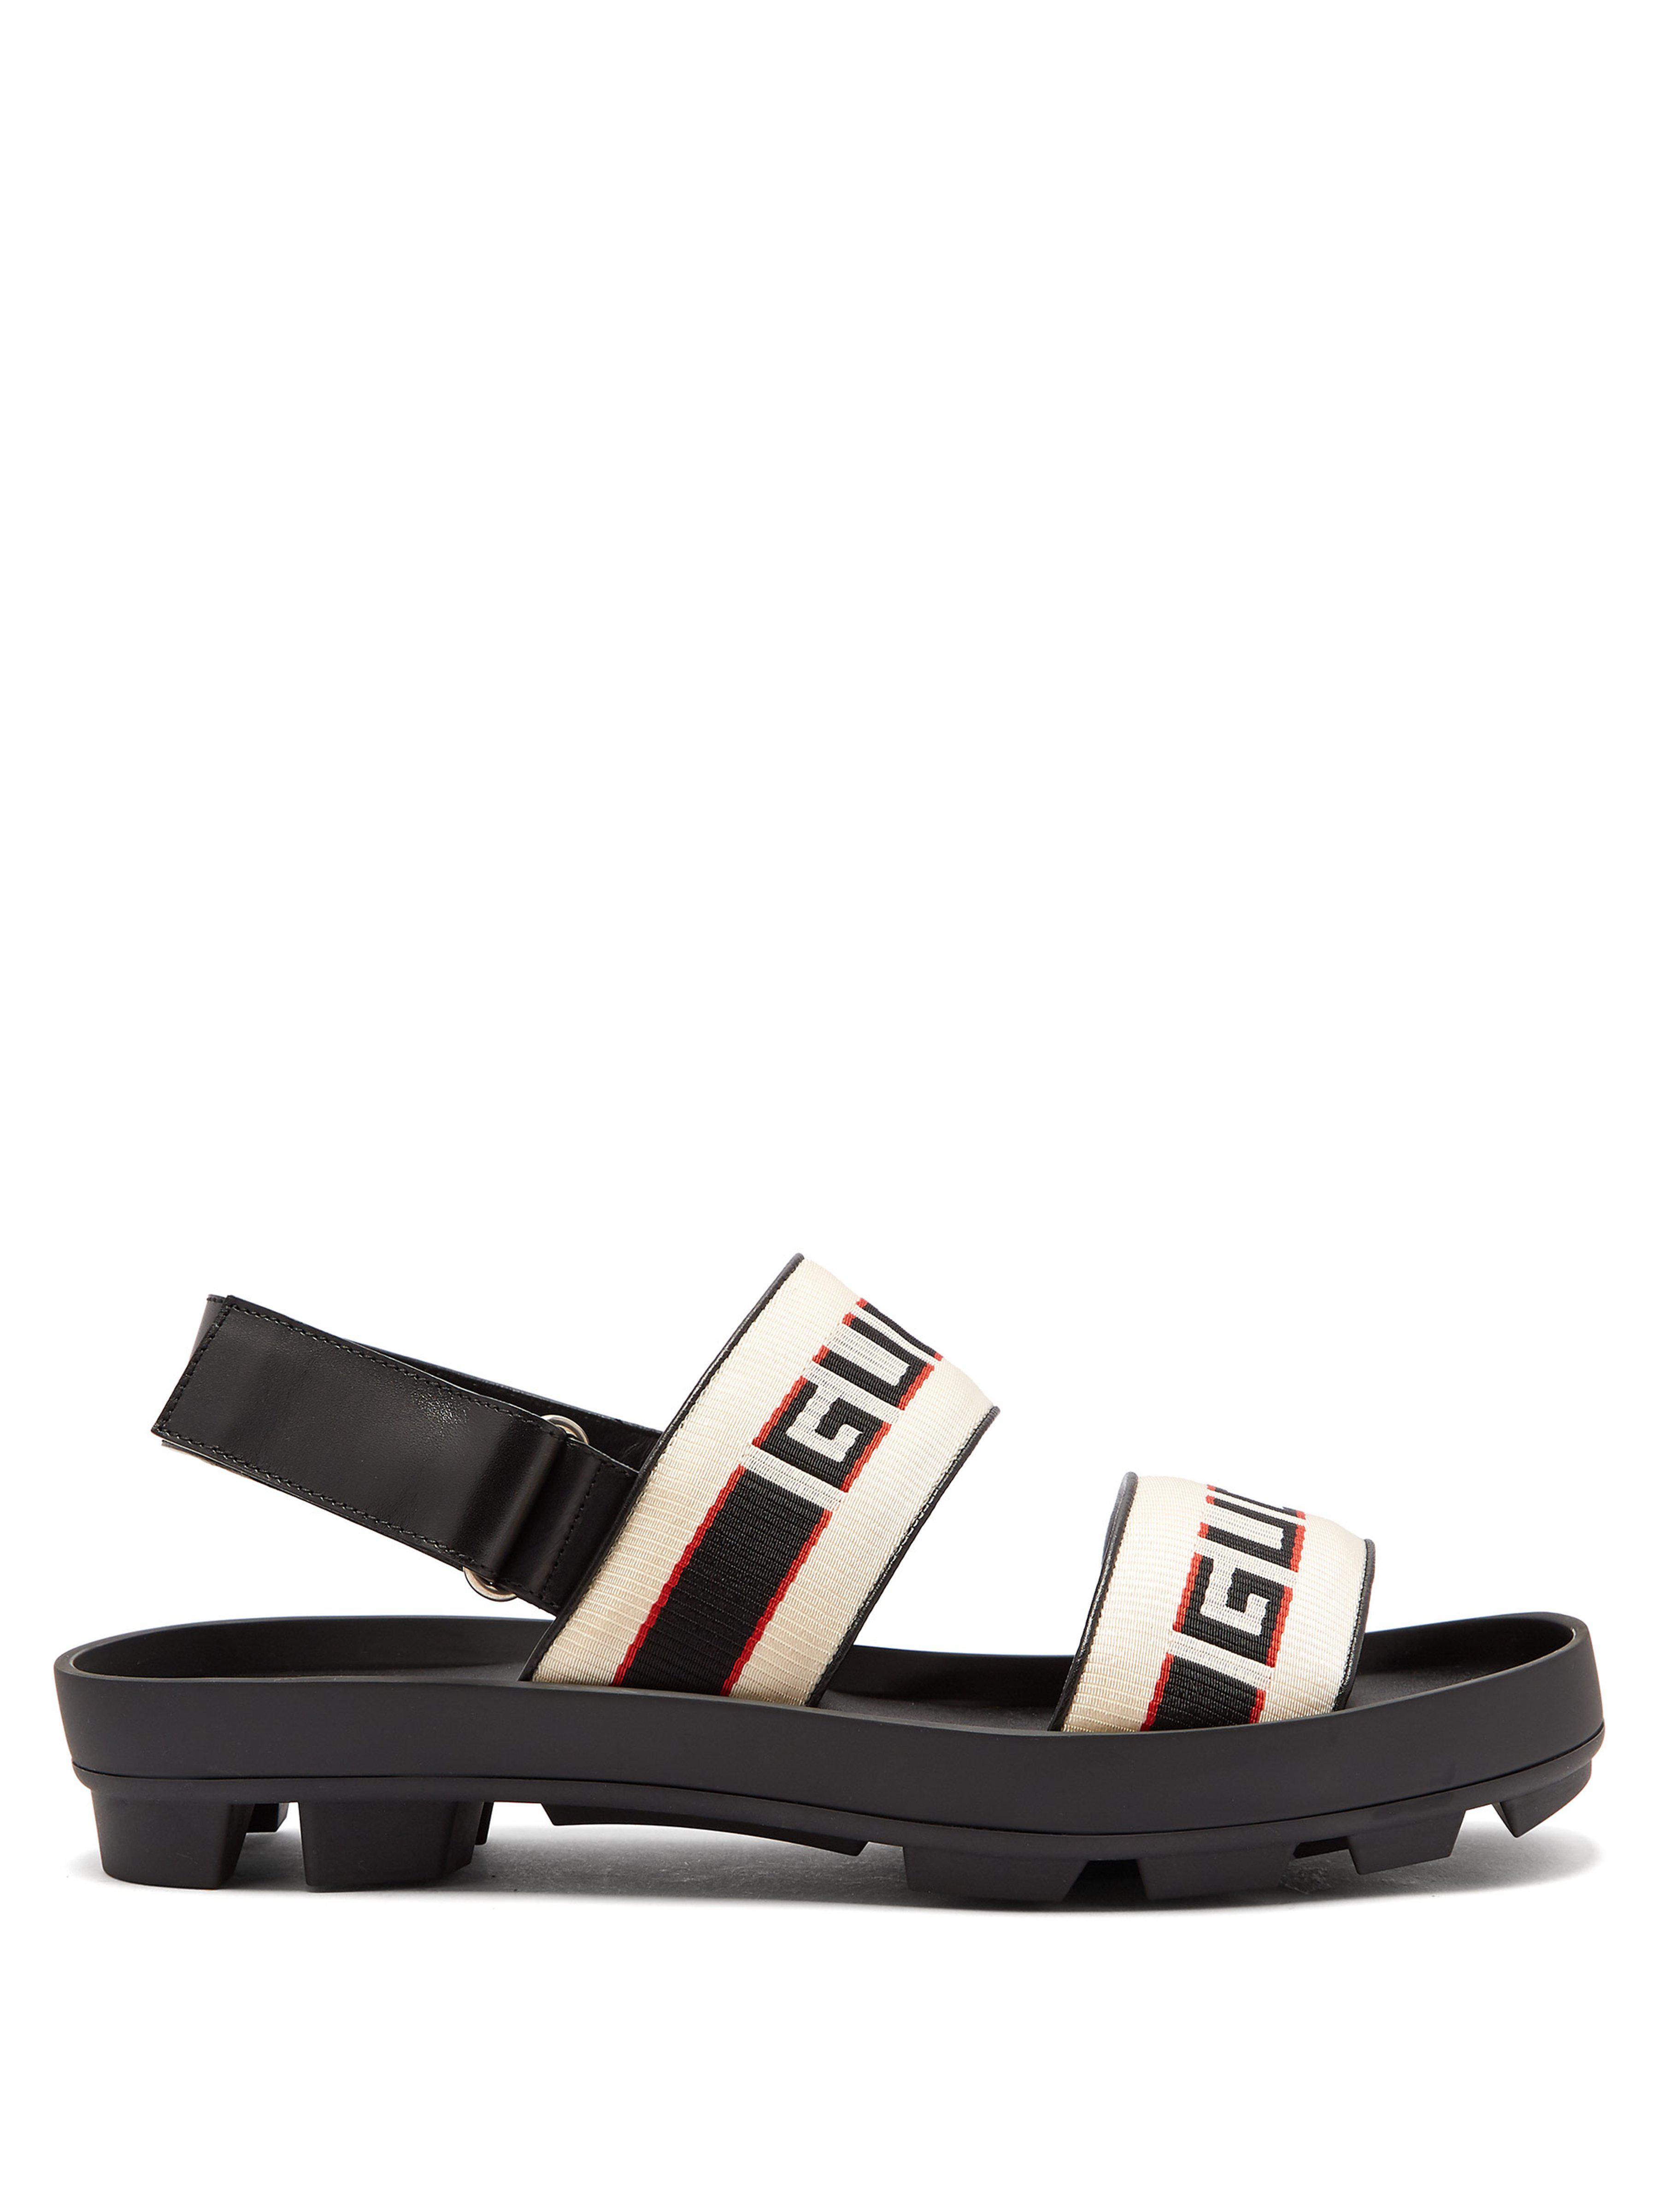 Lyst - Sandales à logo et rayures Gucci pour homme en coloris Noir 0e77b244527